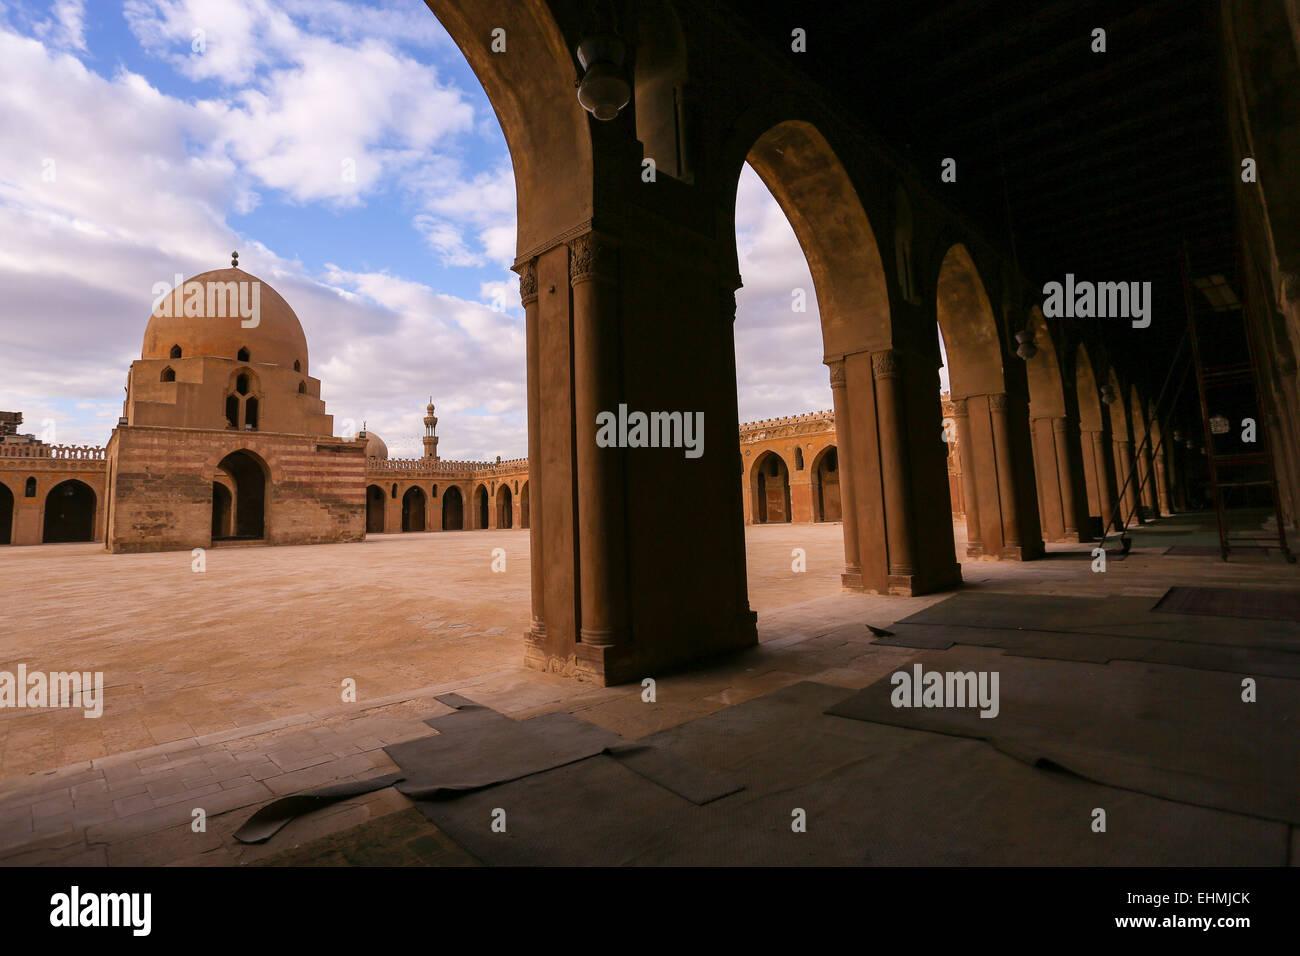 Mezquita de Ibn Tulun, el patio de El Cairo, fundado 879 AD Imagen De Stock